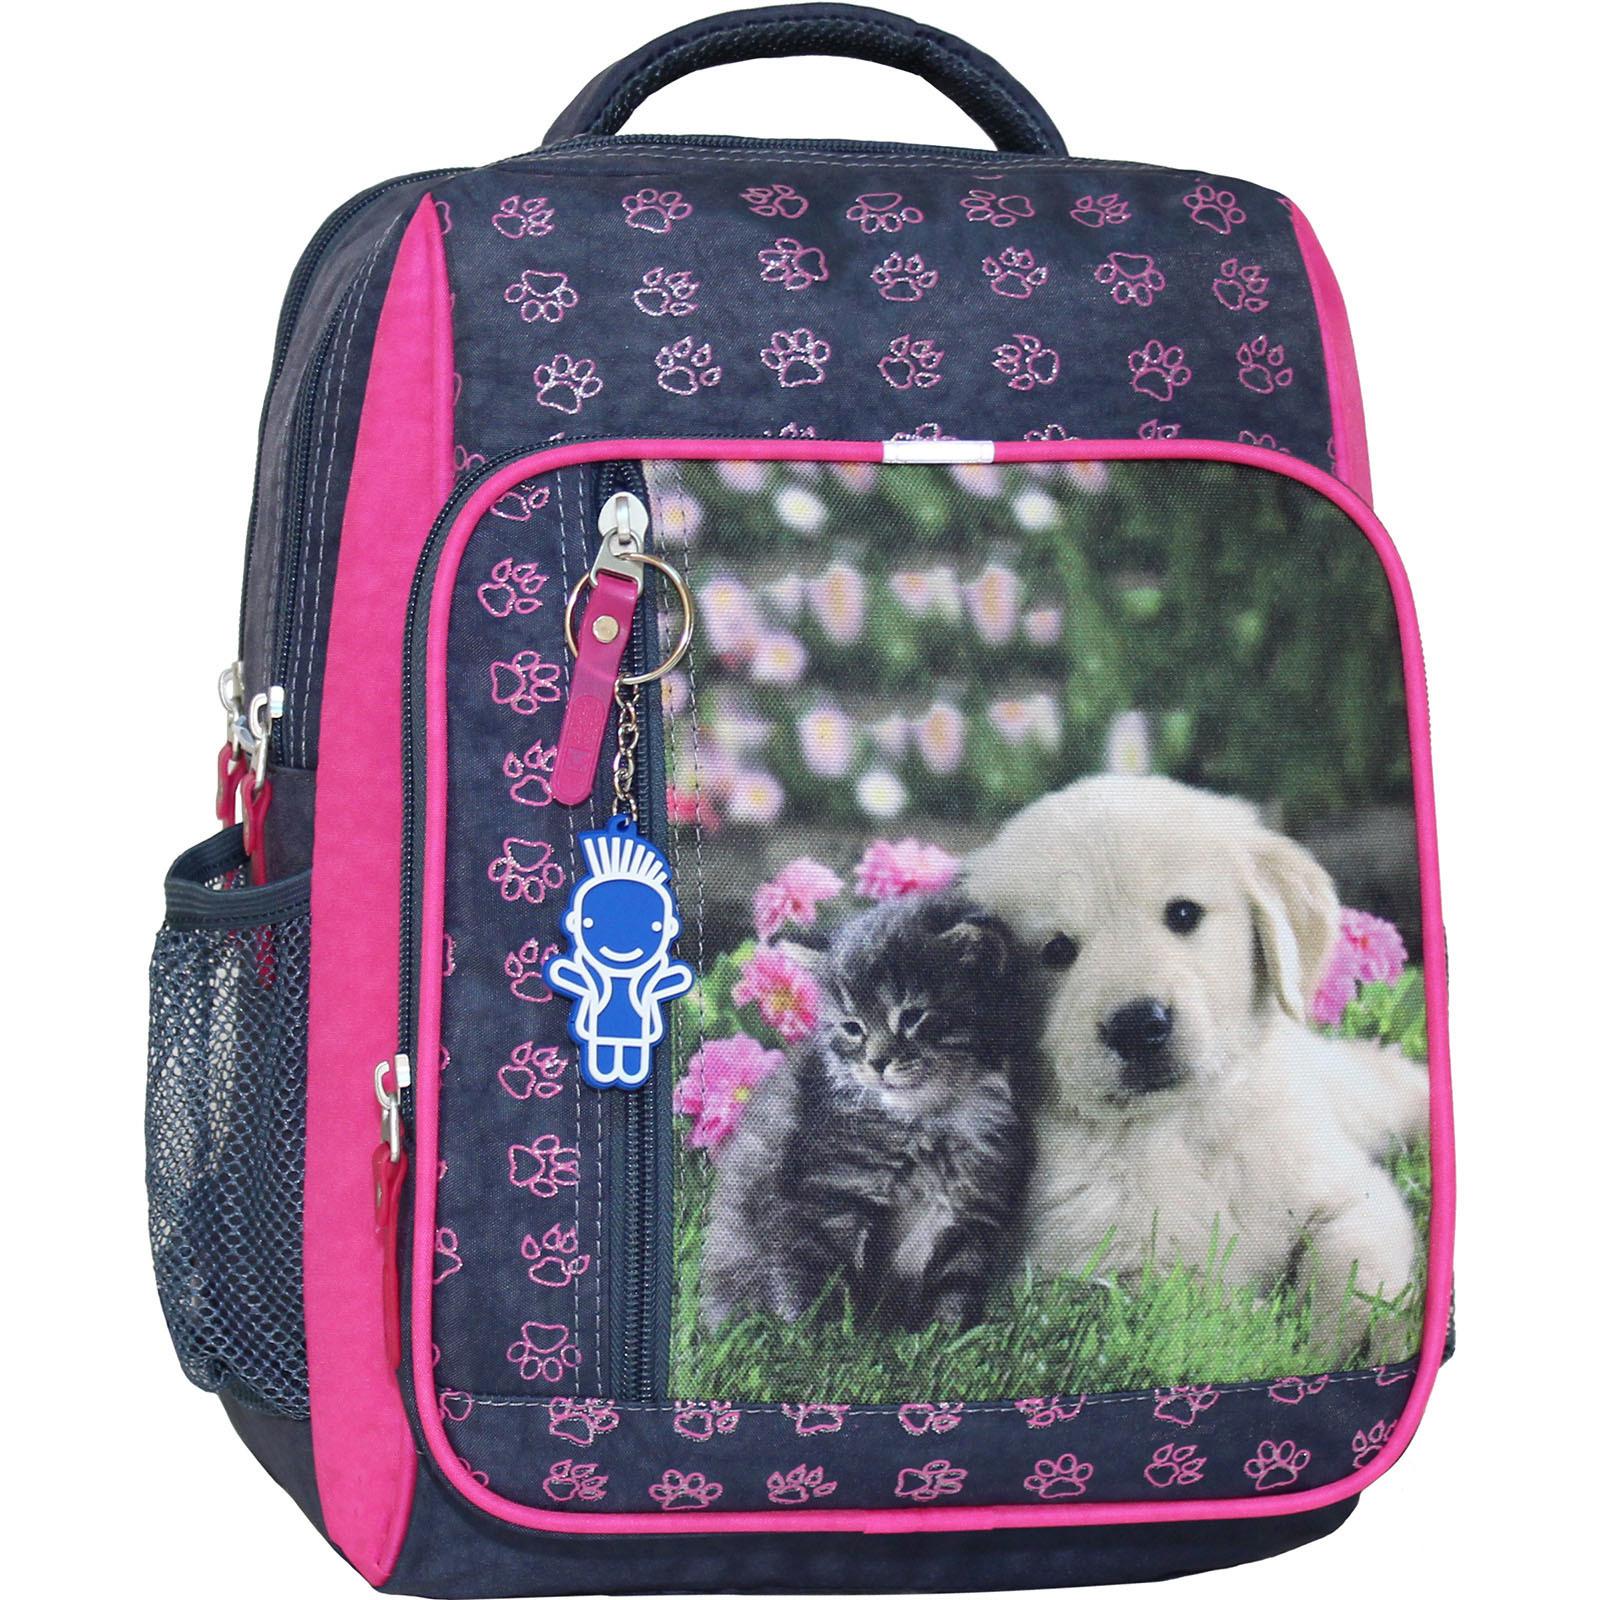 Школьные рюкзаки Рюкзак школьный Bagland Школьник 8 л. 321 серый 138д (0012870) IMG_4715.JPG